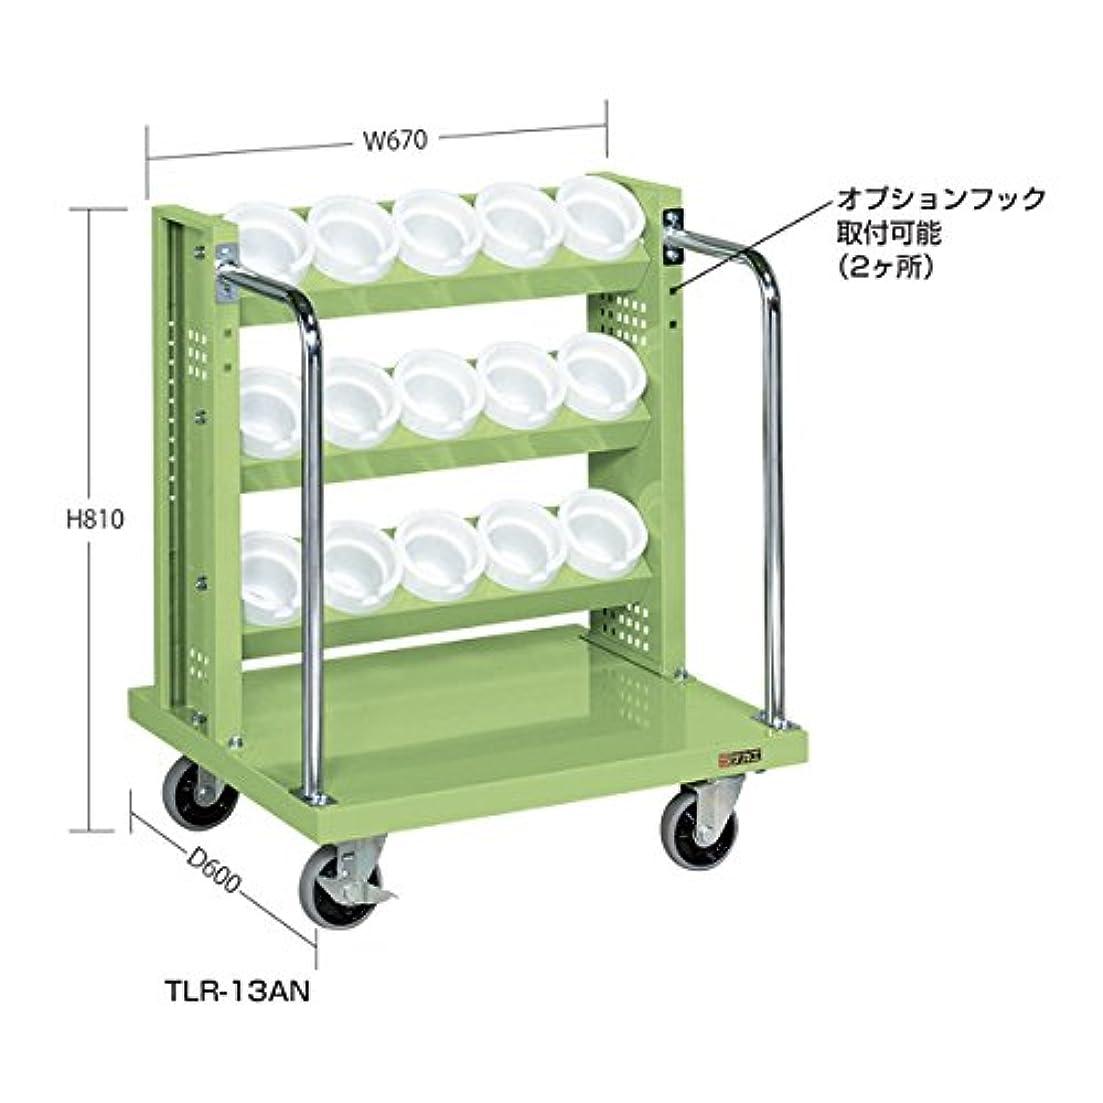 甘くする自動的に検出器ツーリングワゴン TLR-13AN